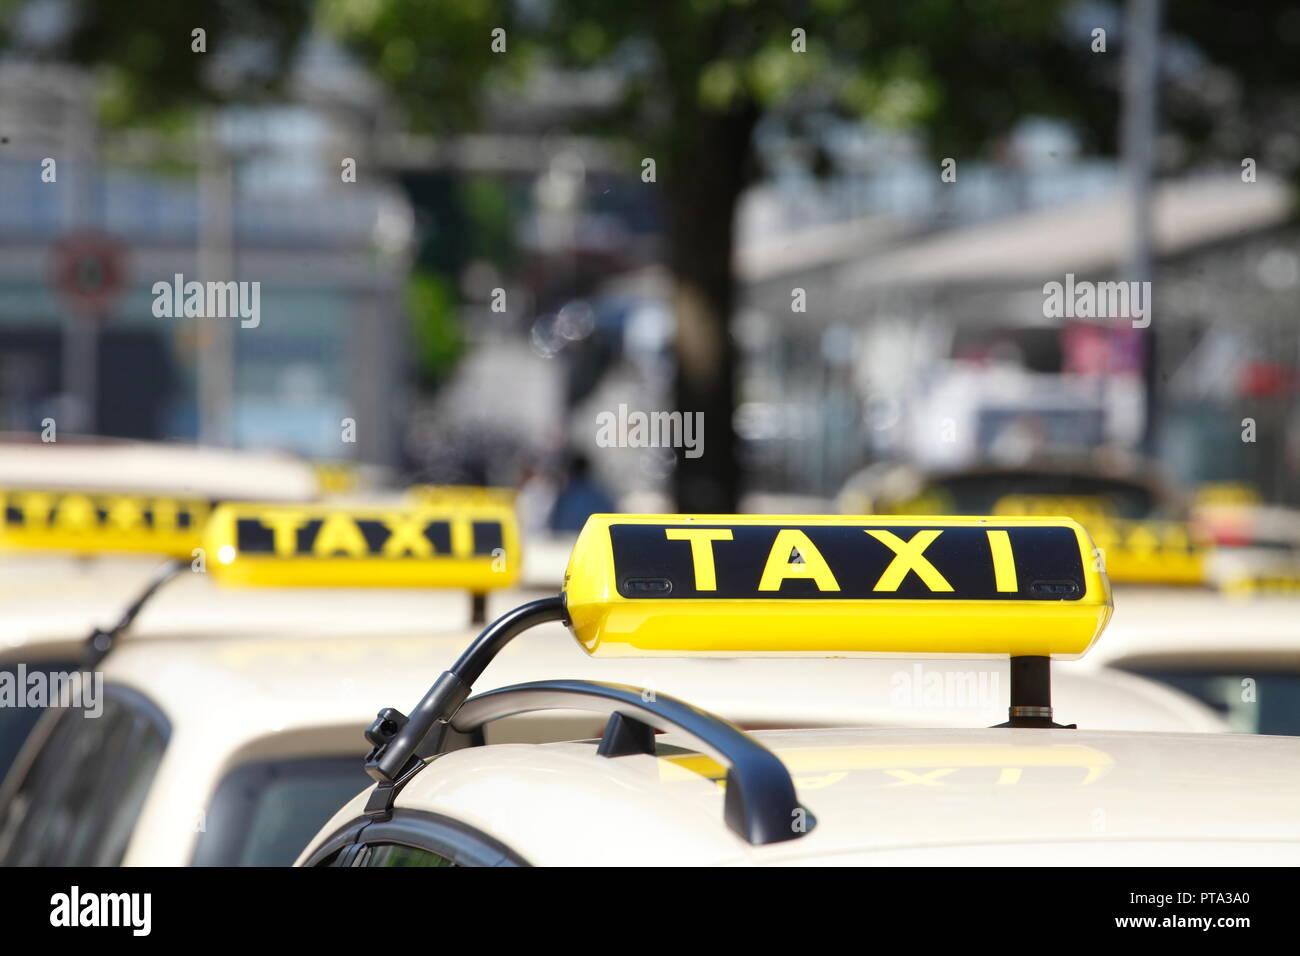 Taxi Schilder, Deutschland, Europa ich Taxisschilder, Deutschland IStockfoto